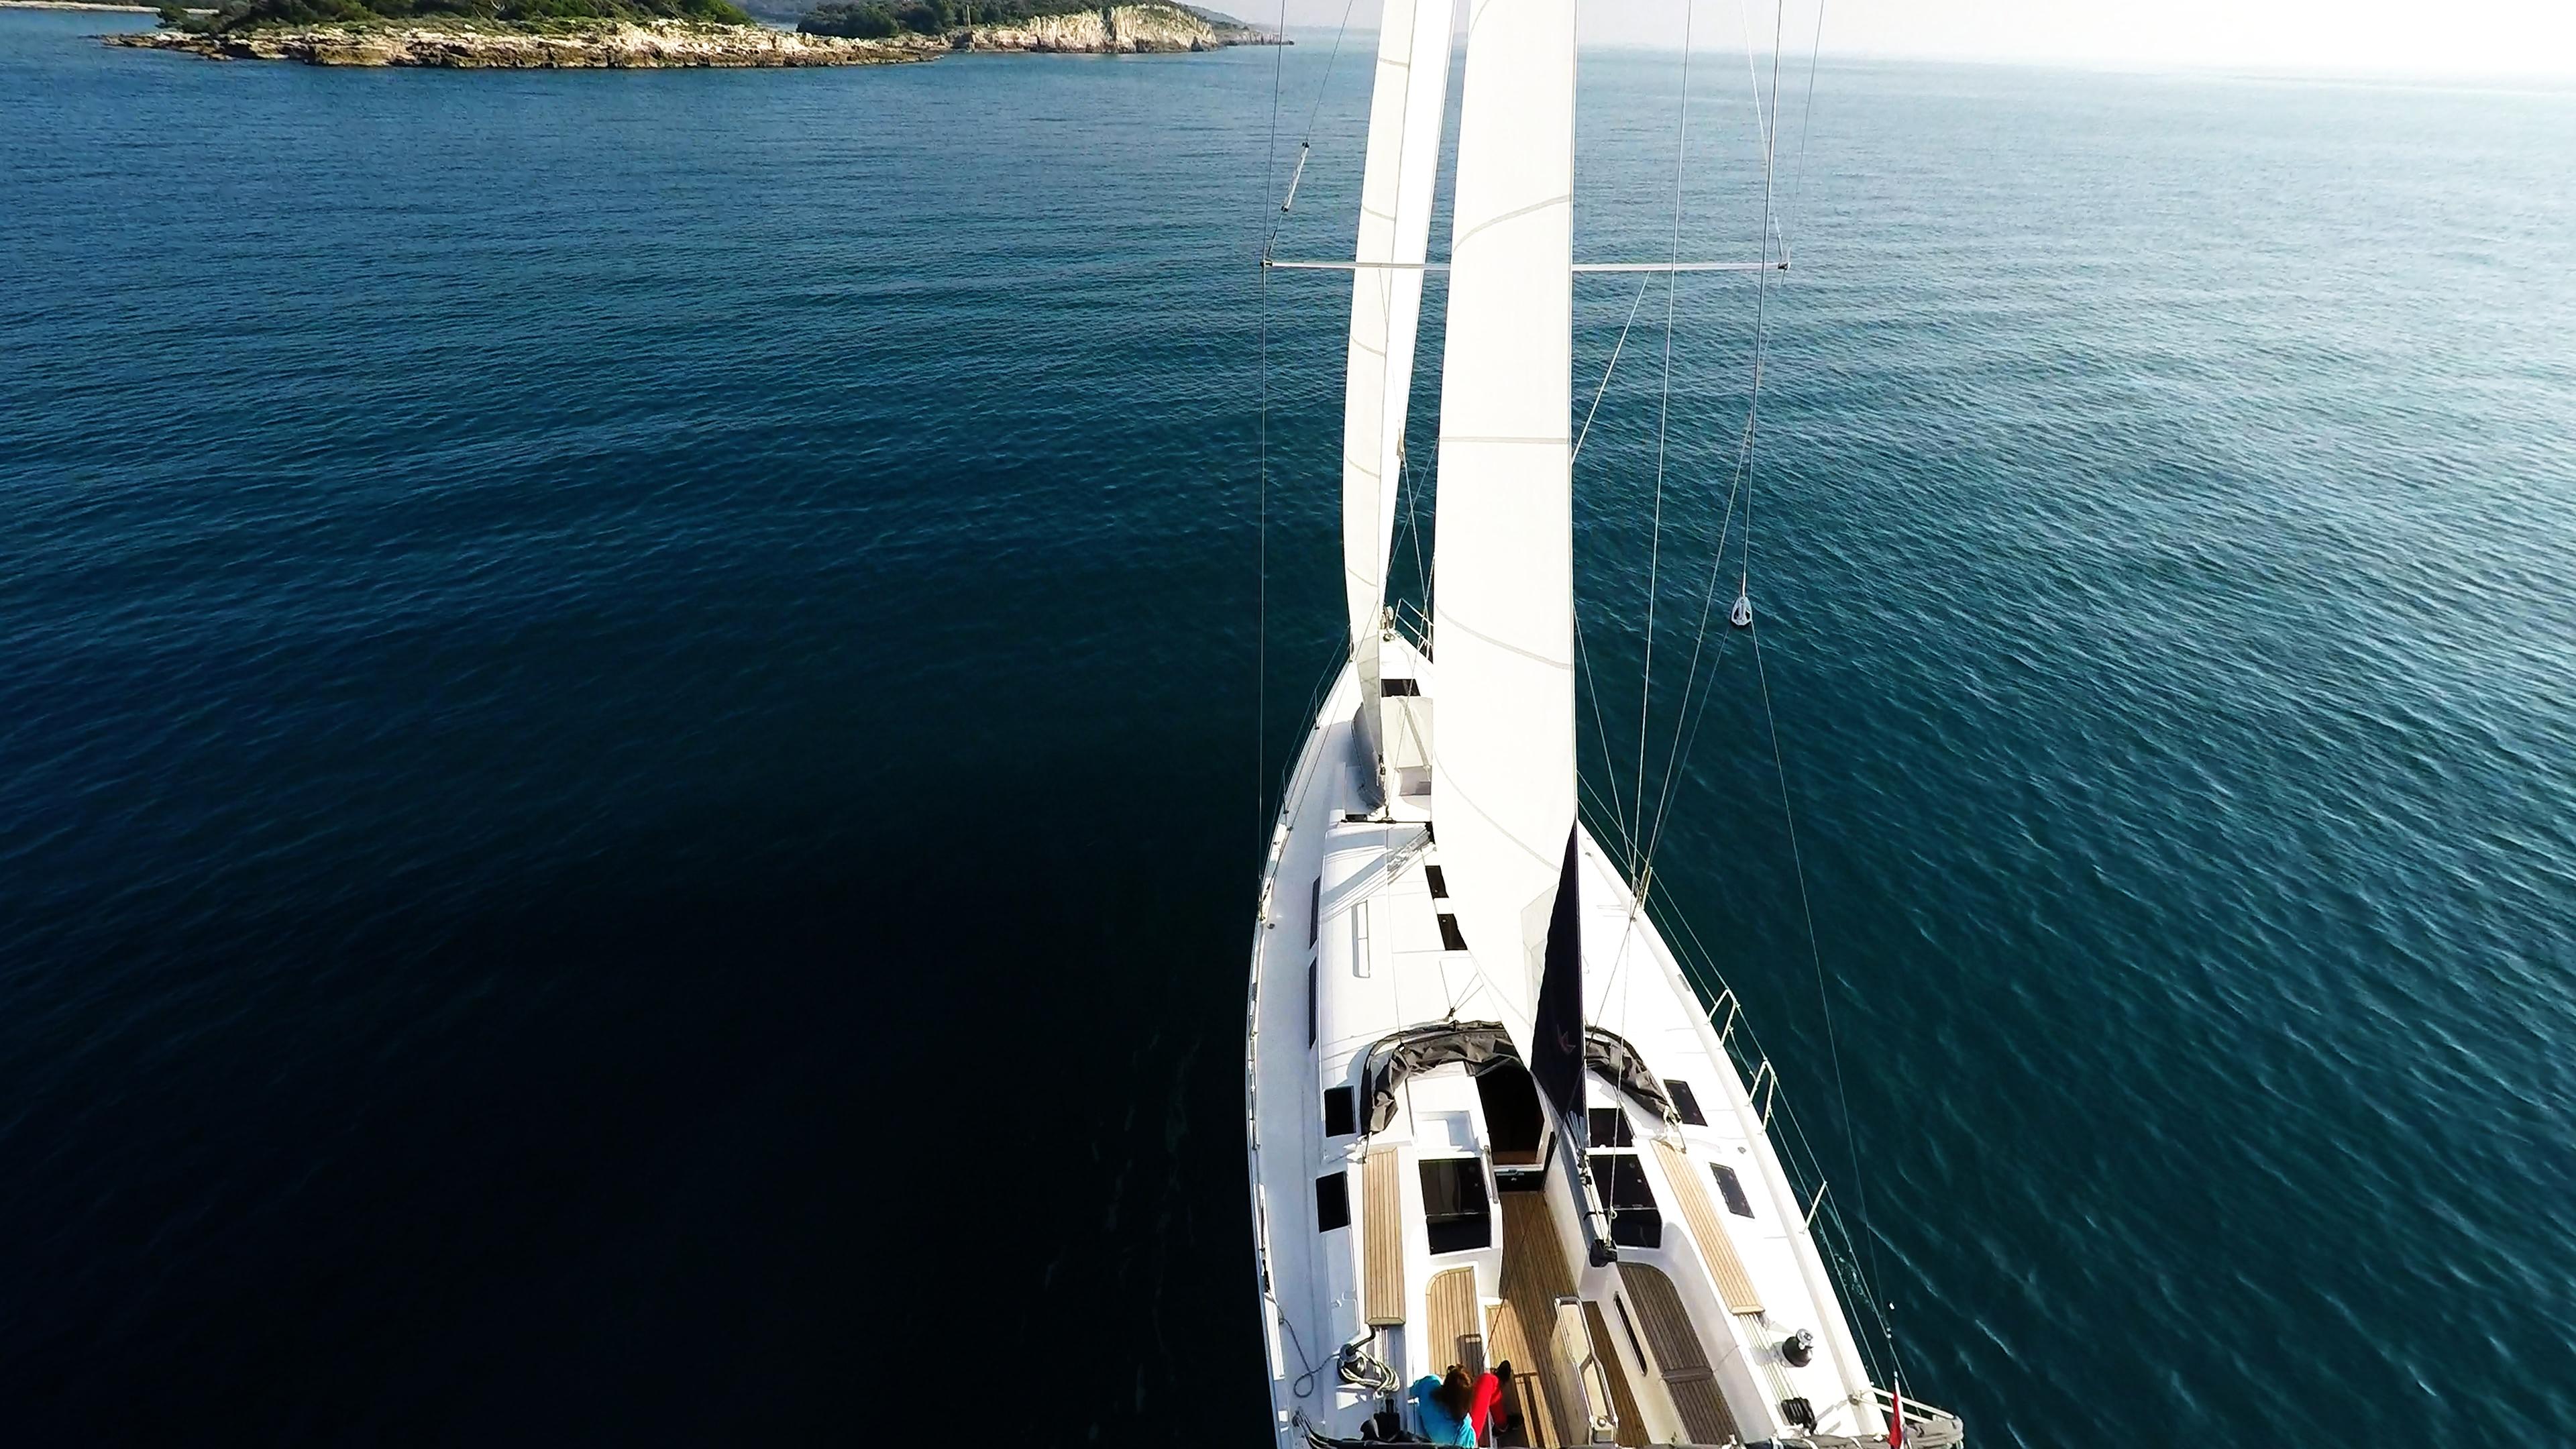 jedrilica prema plavo more otok jedrilica